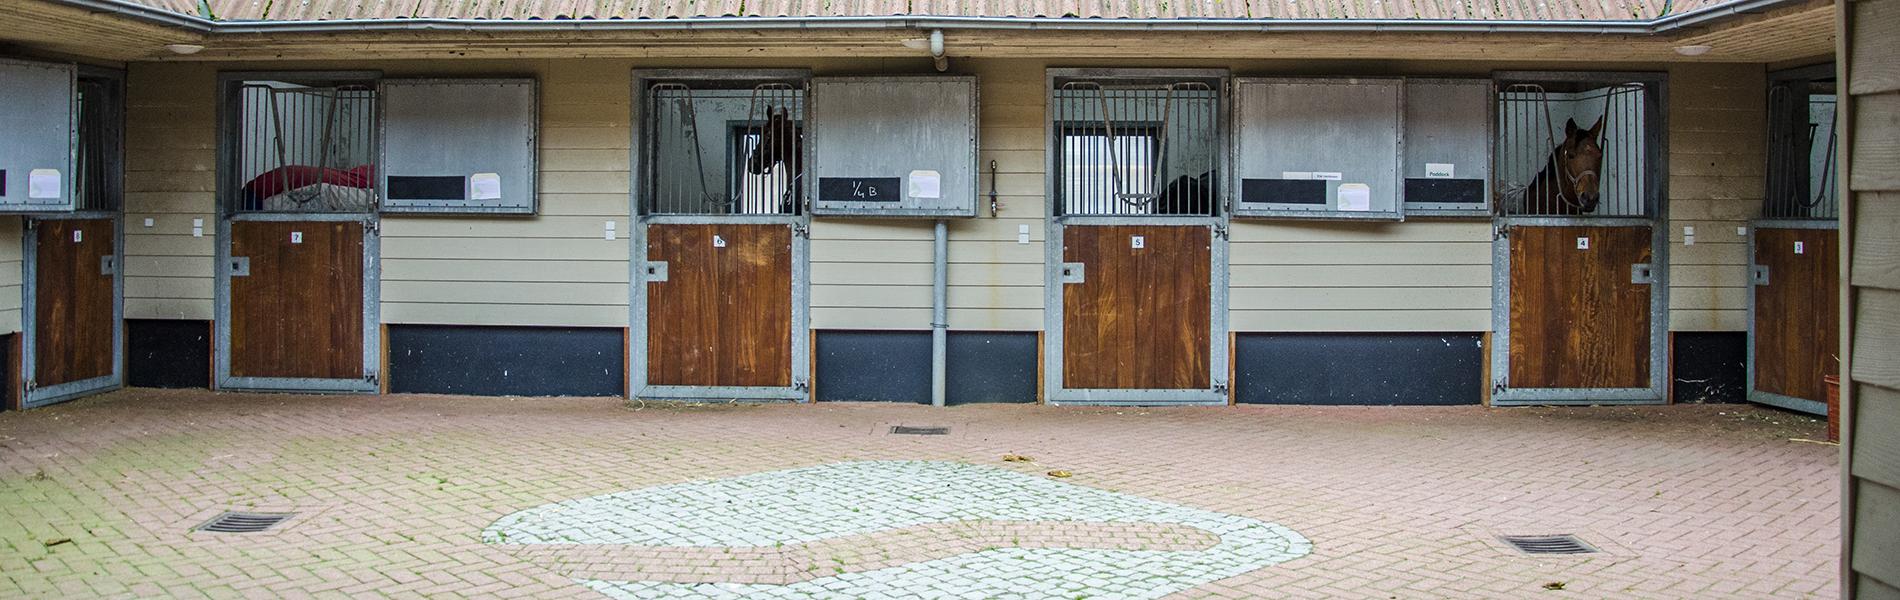 Artsen paardenkliniek